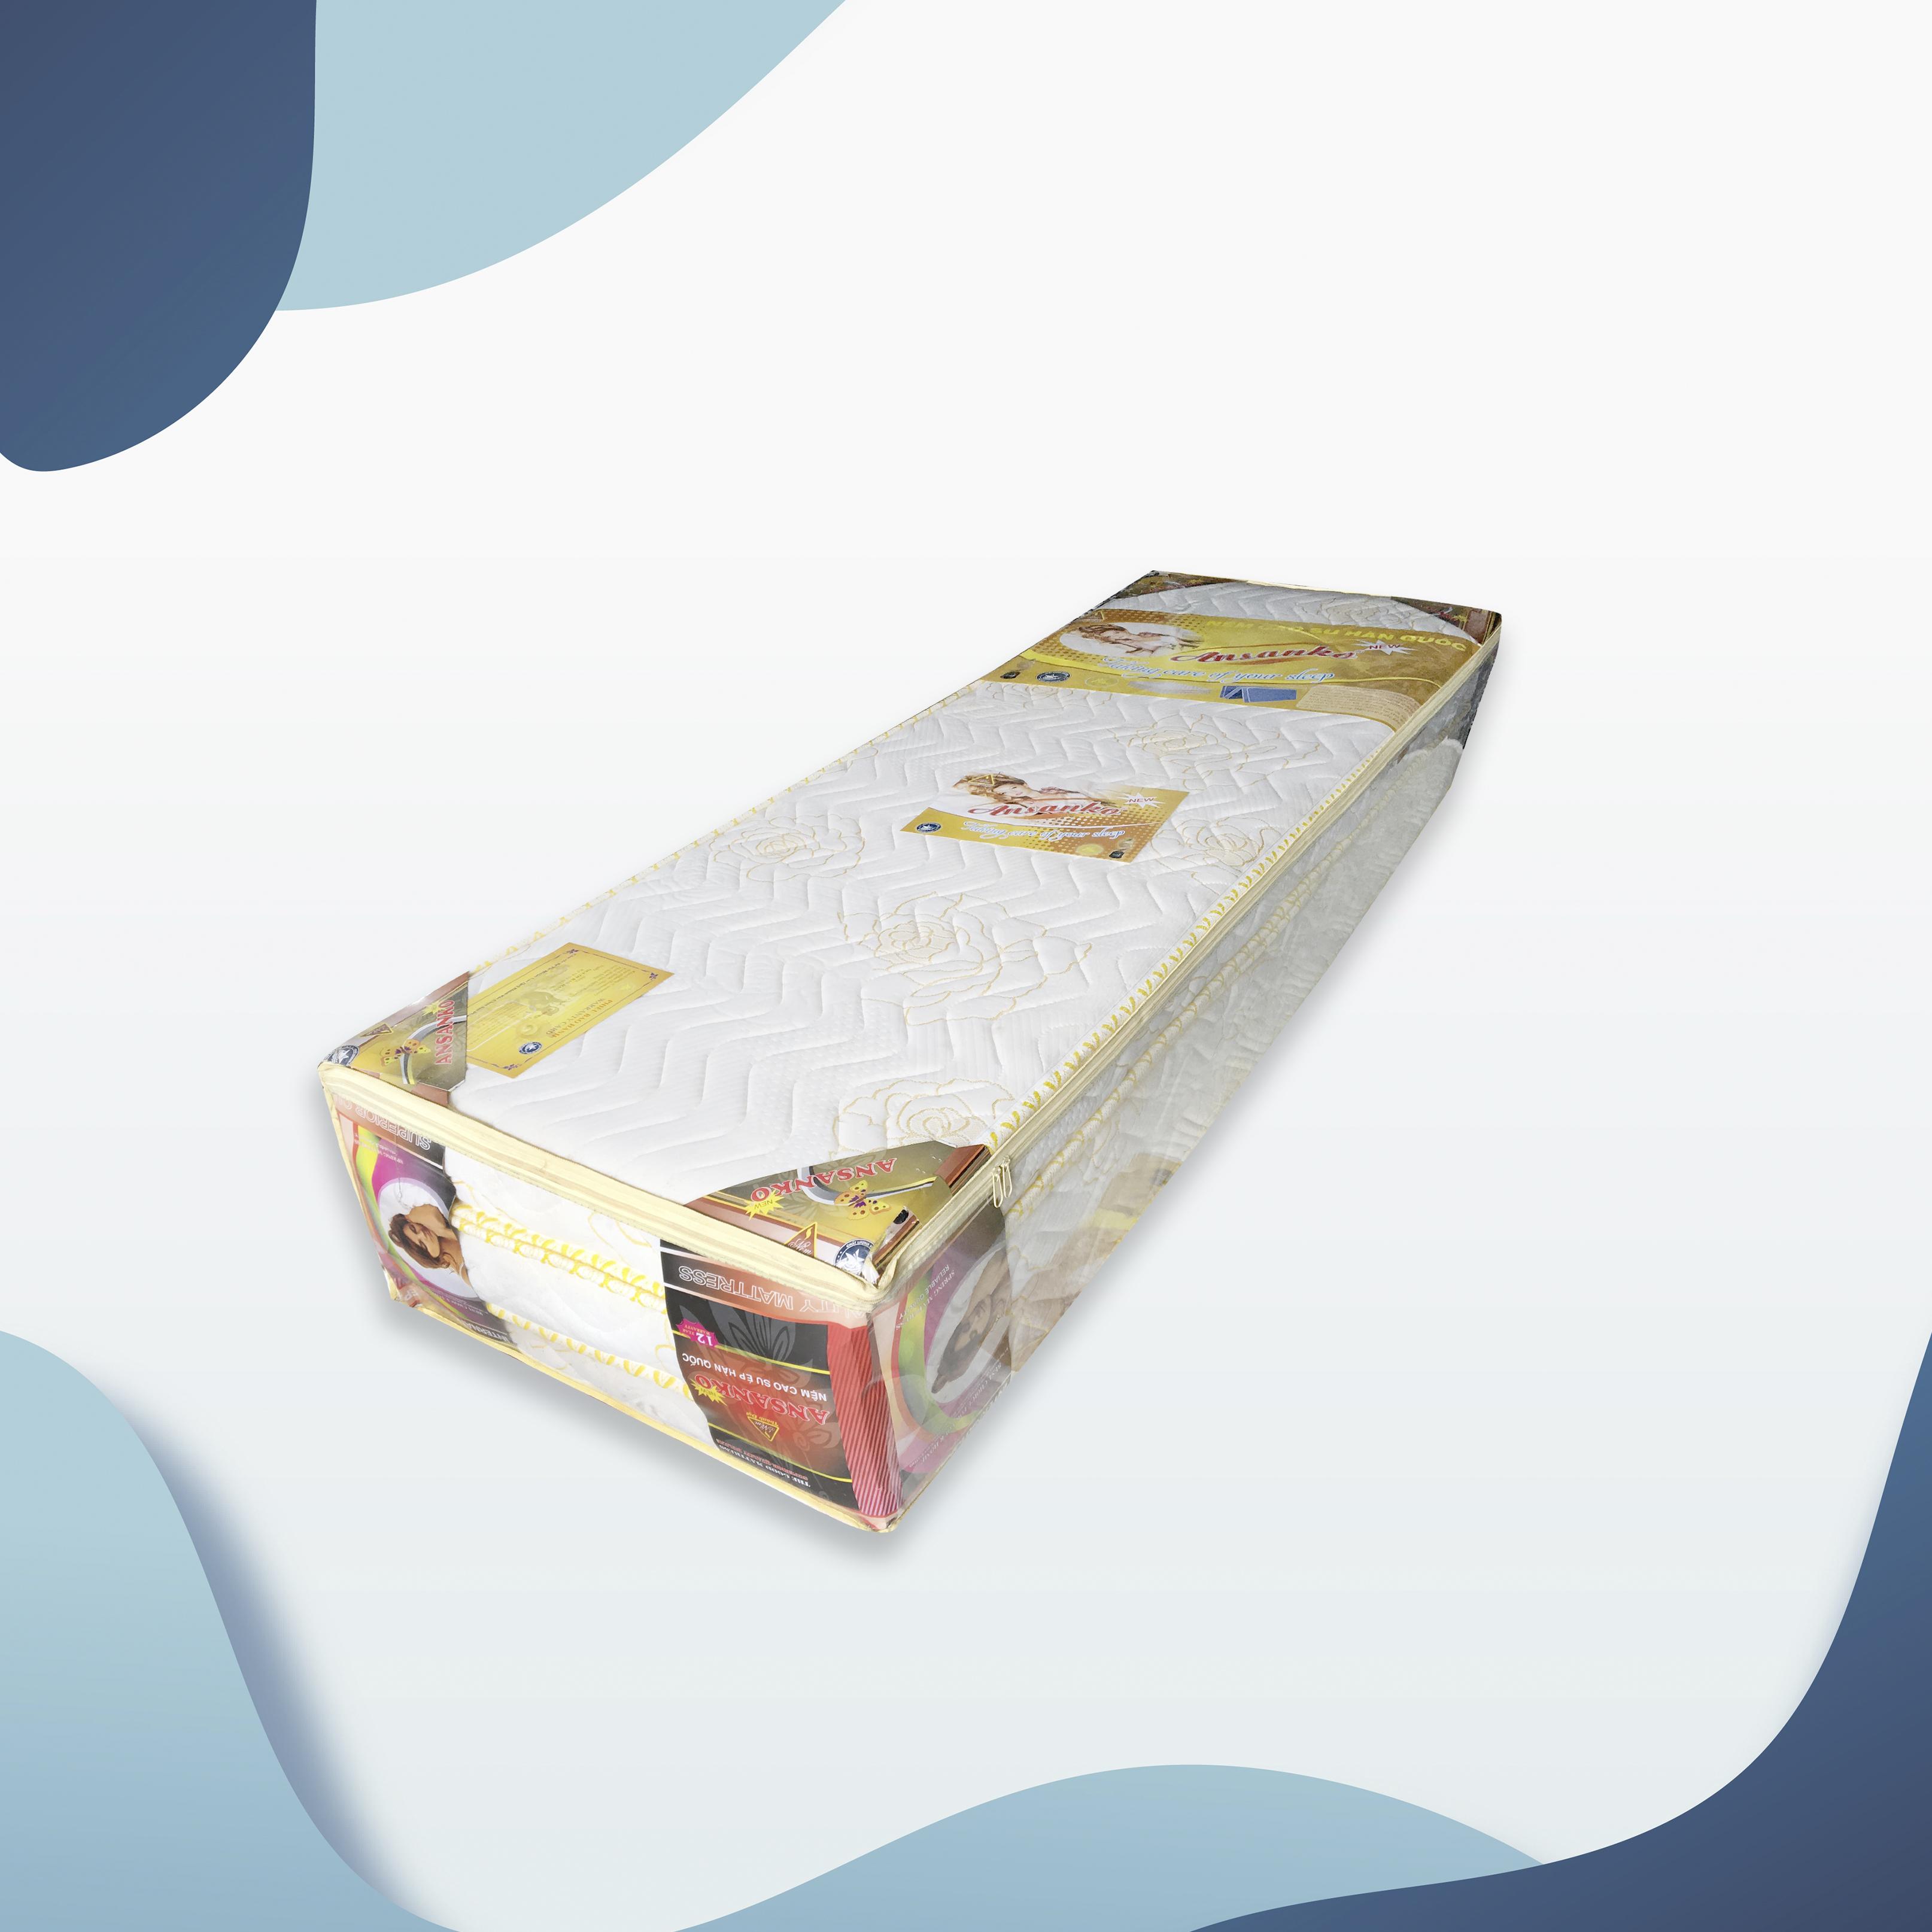 Nệm cao su Ansanko 1m4 gấp 3 (1.4mx2.0m) vải gấm Damask cao cấp có chần - Hoa văn màu sắc ngẫu nhiên.